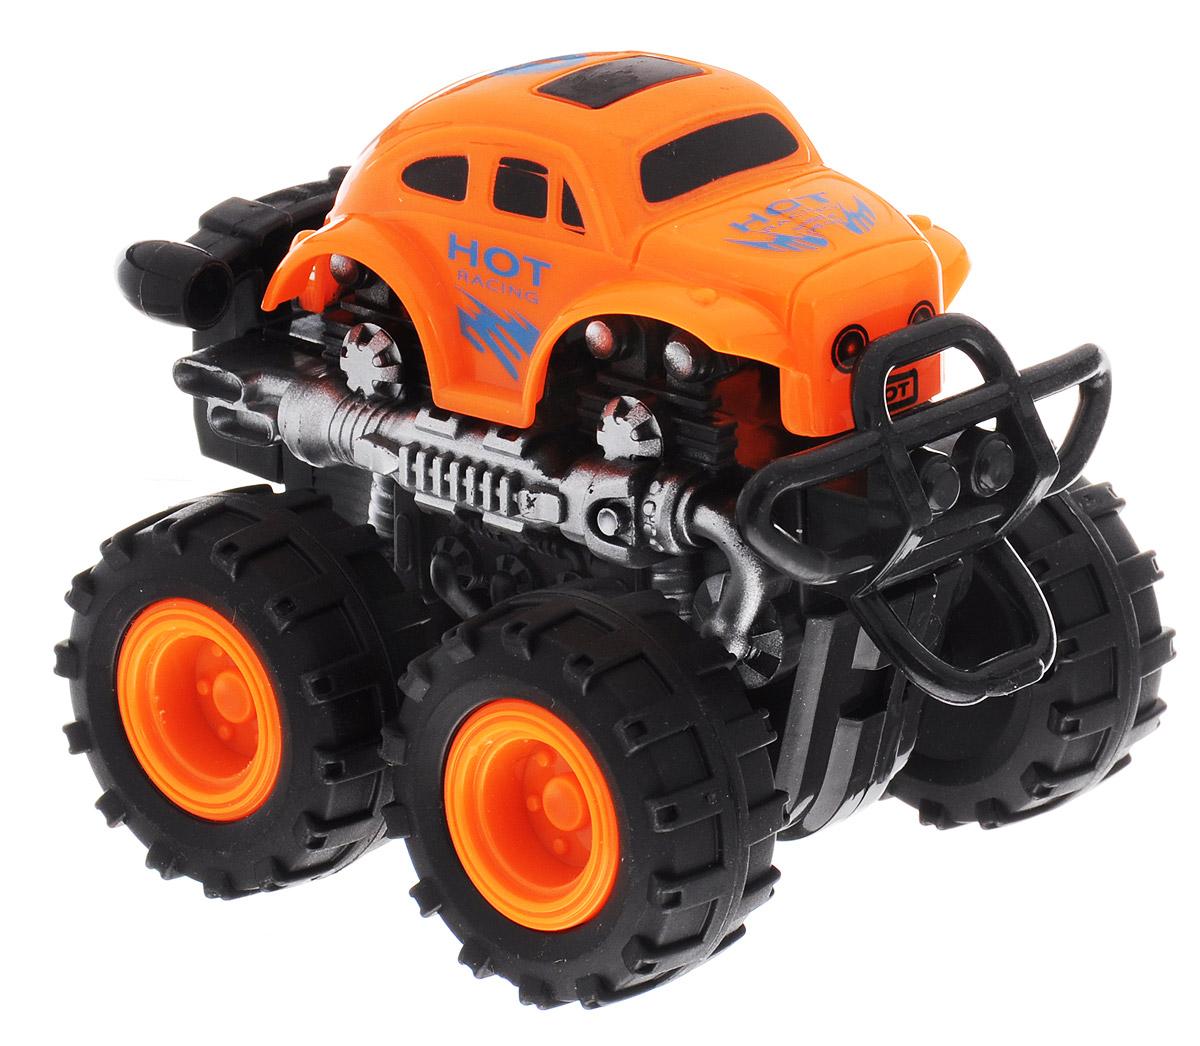 Big Motors Машинка инерционная 4 WD цвет оранжевый806B_оранжевыйИнерционная машинка Big Motors 4WD станет любимой игрушкой вашего малыша. Игрушка представляет собой внедорожник с большими колесами. Машинка оснащена инерционным механизмом. Достаточно немного подтолкнуть машинку вперед или назад, а затем отпустить, и она сама поедет в ту же сторону. Ваш ребенок будет увлеченно играть с этой машинкой, придумывая различные истории. Порадуйте его таким замечательным подарком!